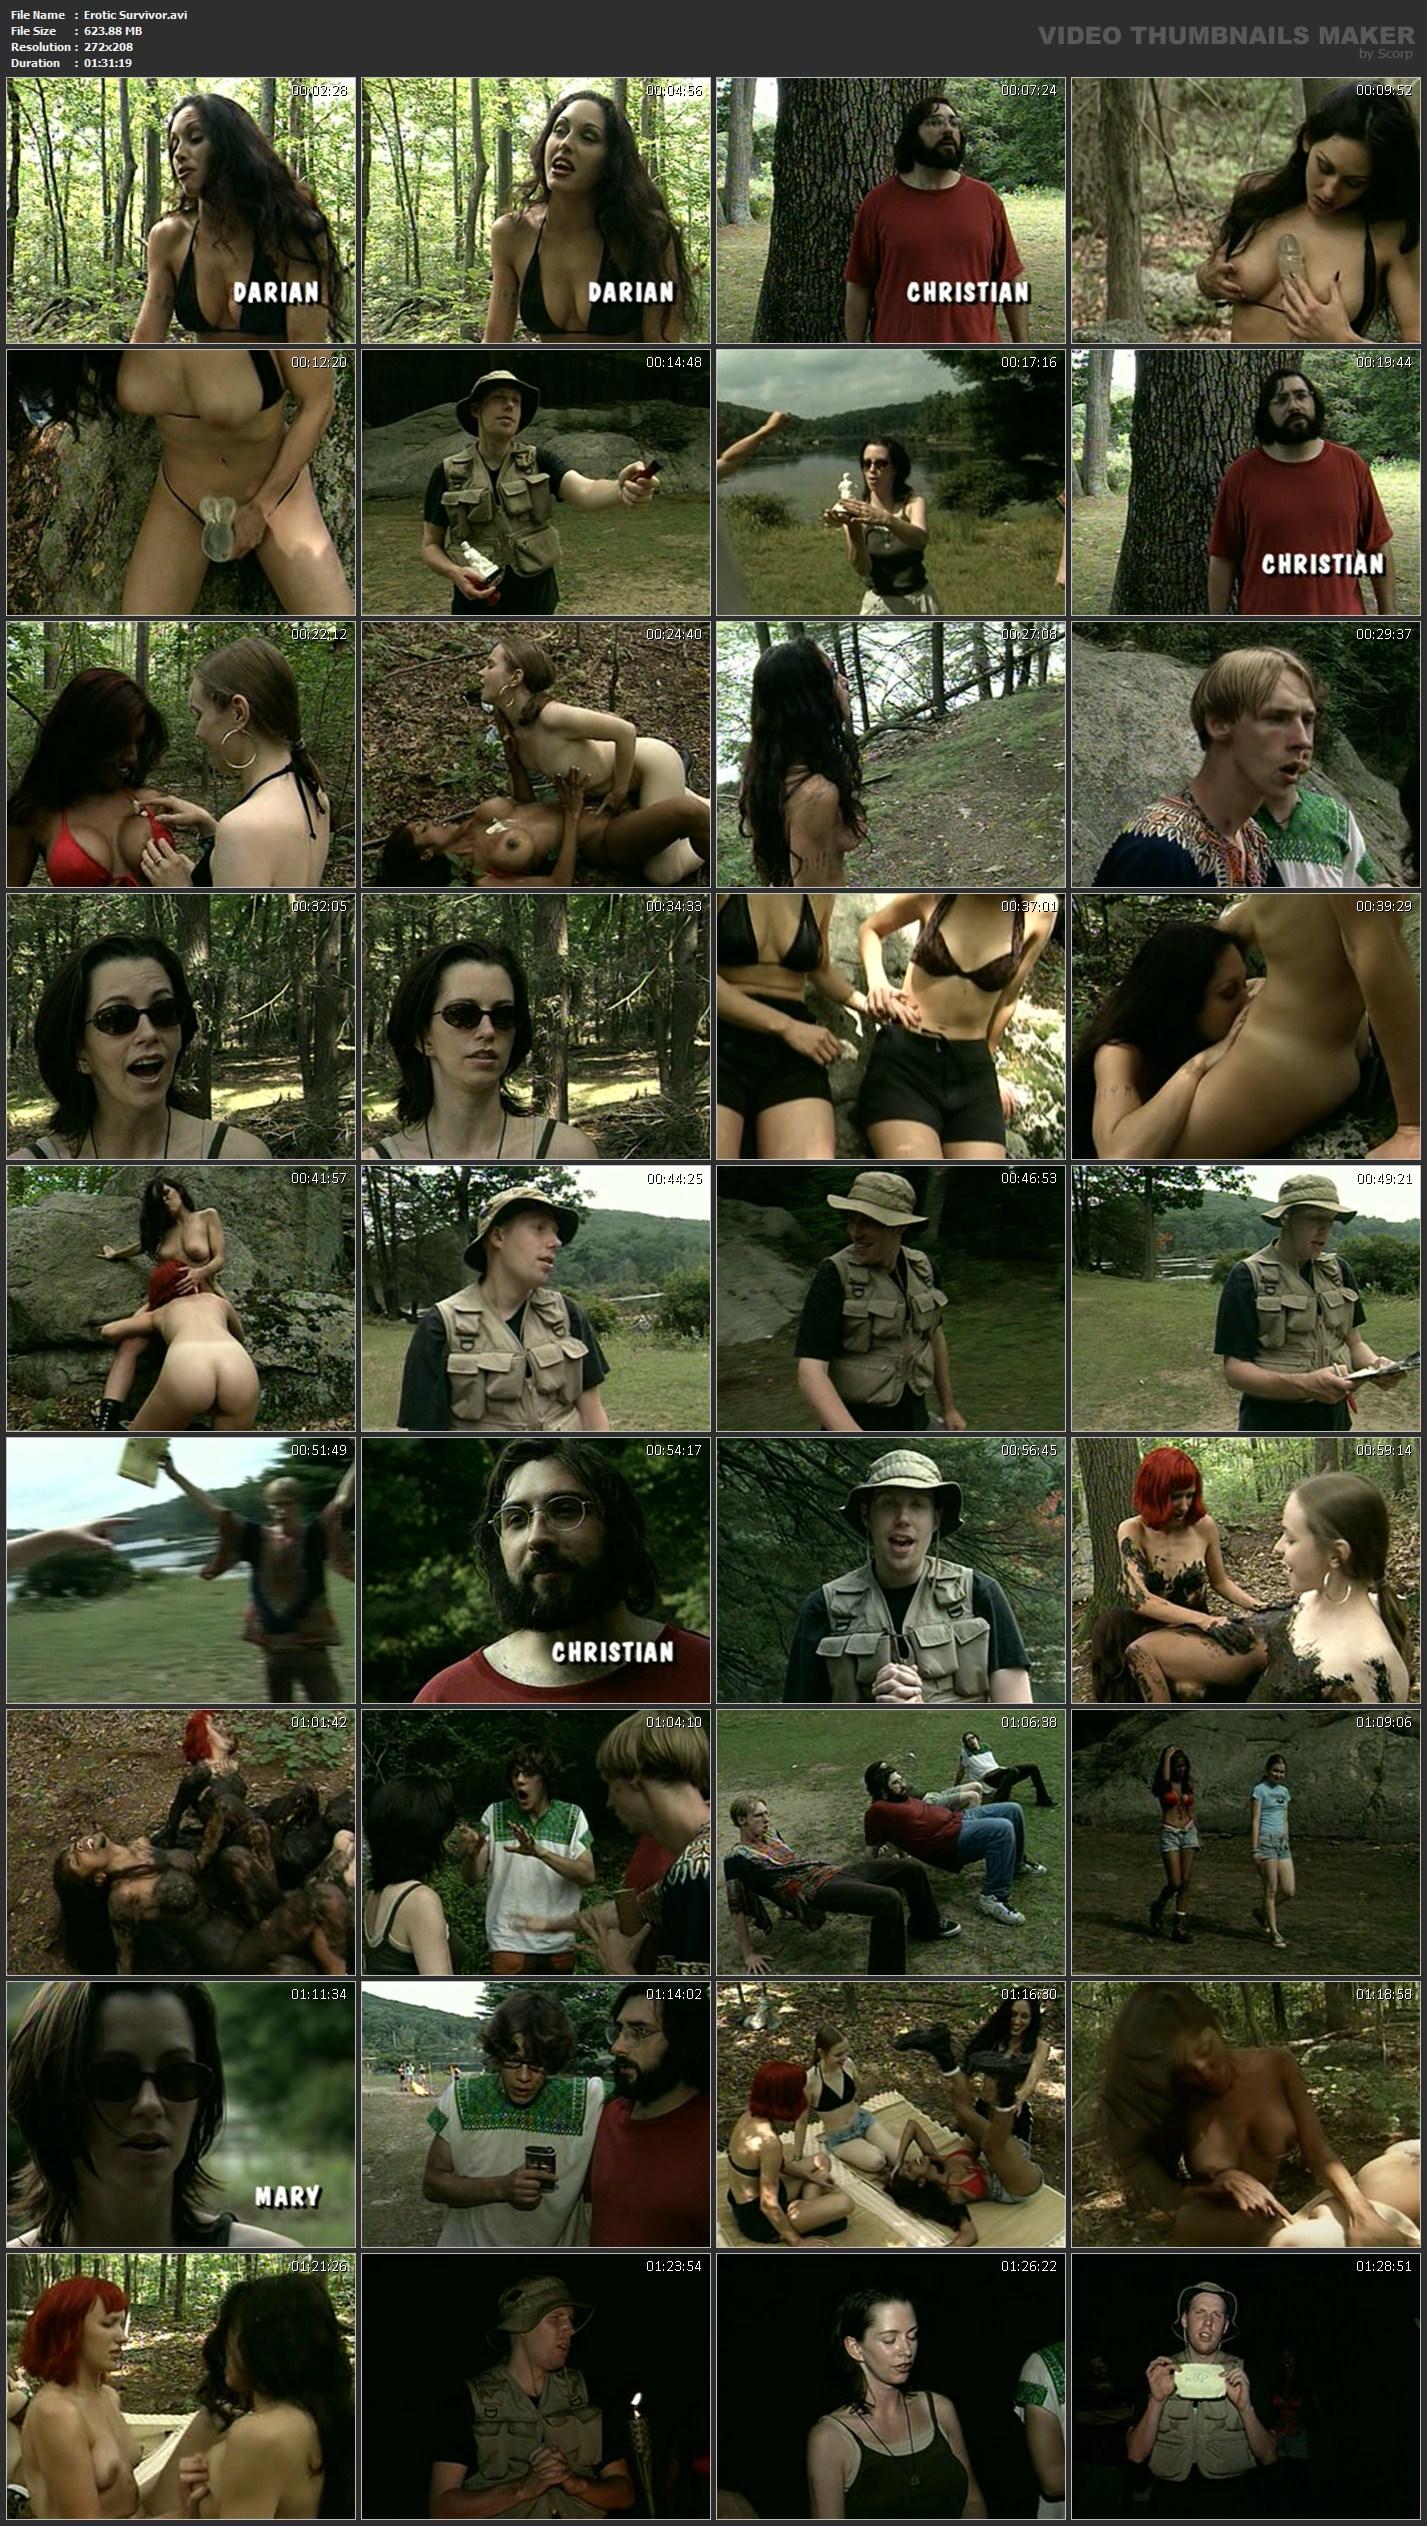 Erotic survivor video